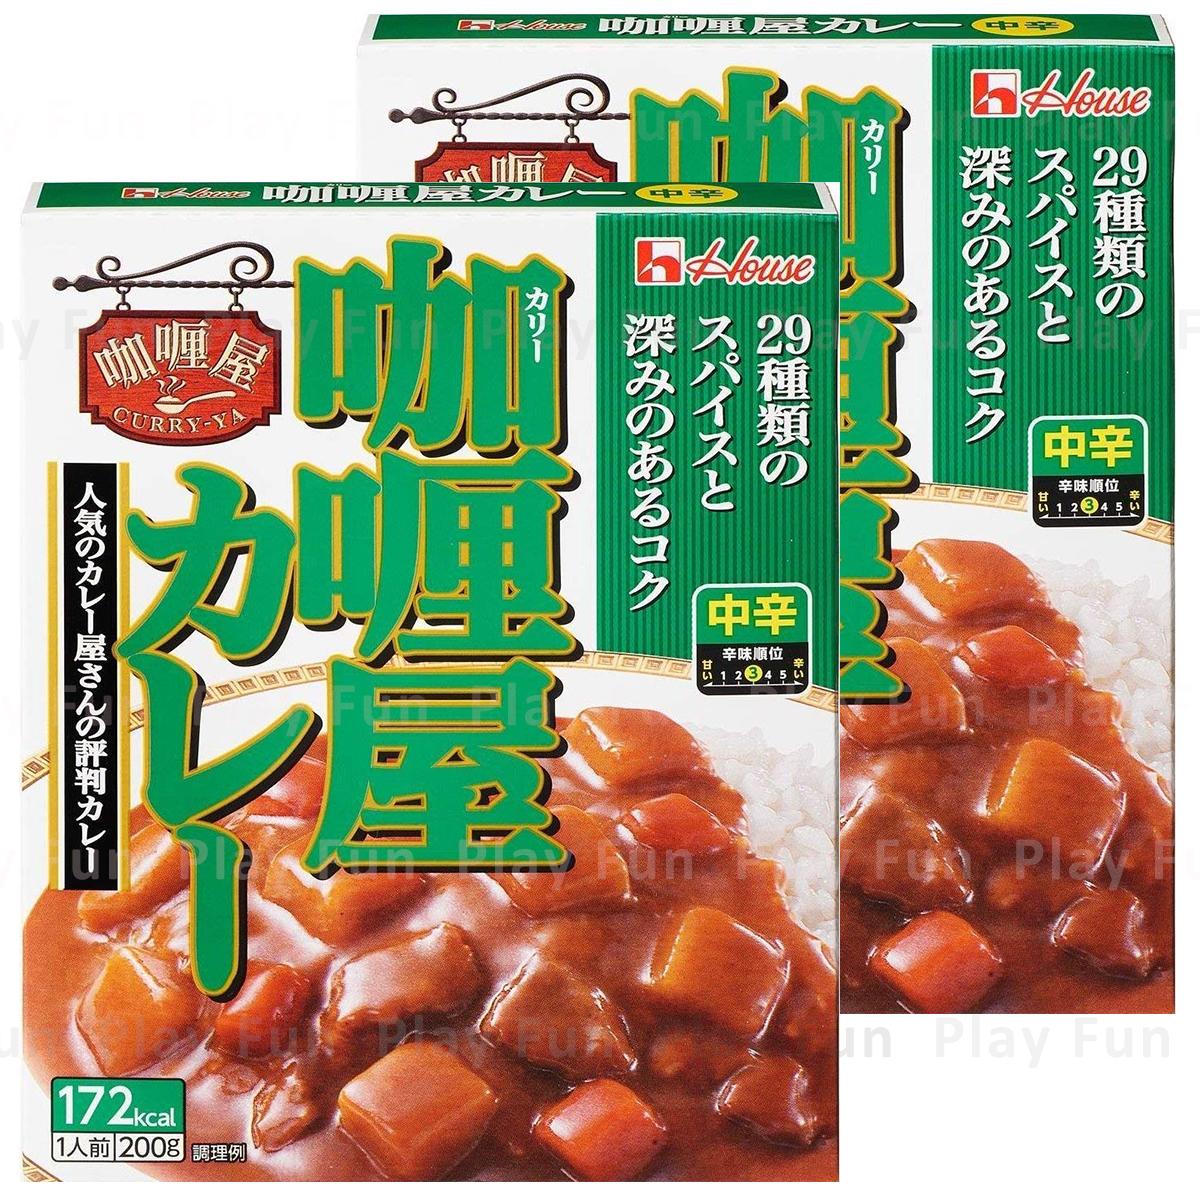 牛肉咖喱 中辛 200g  x 2  (4902402534090_2)